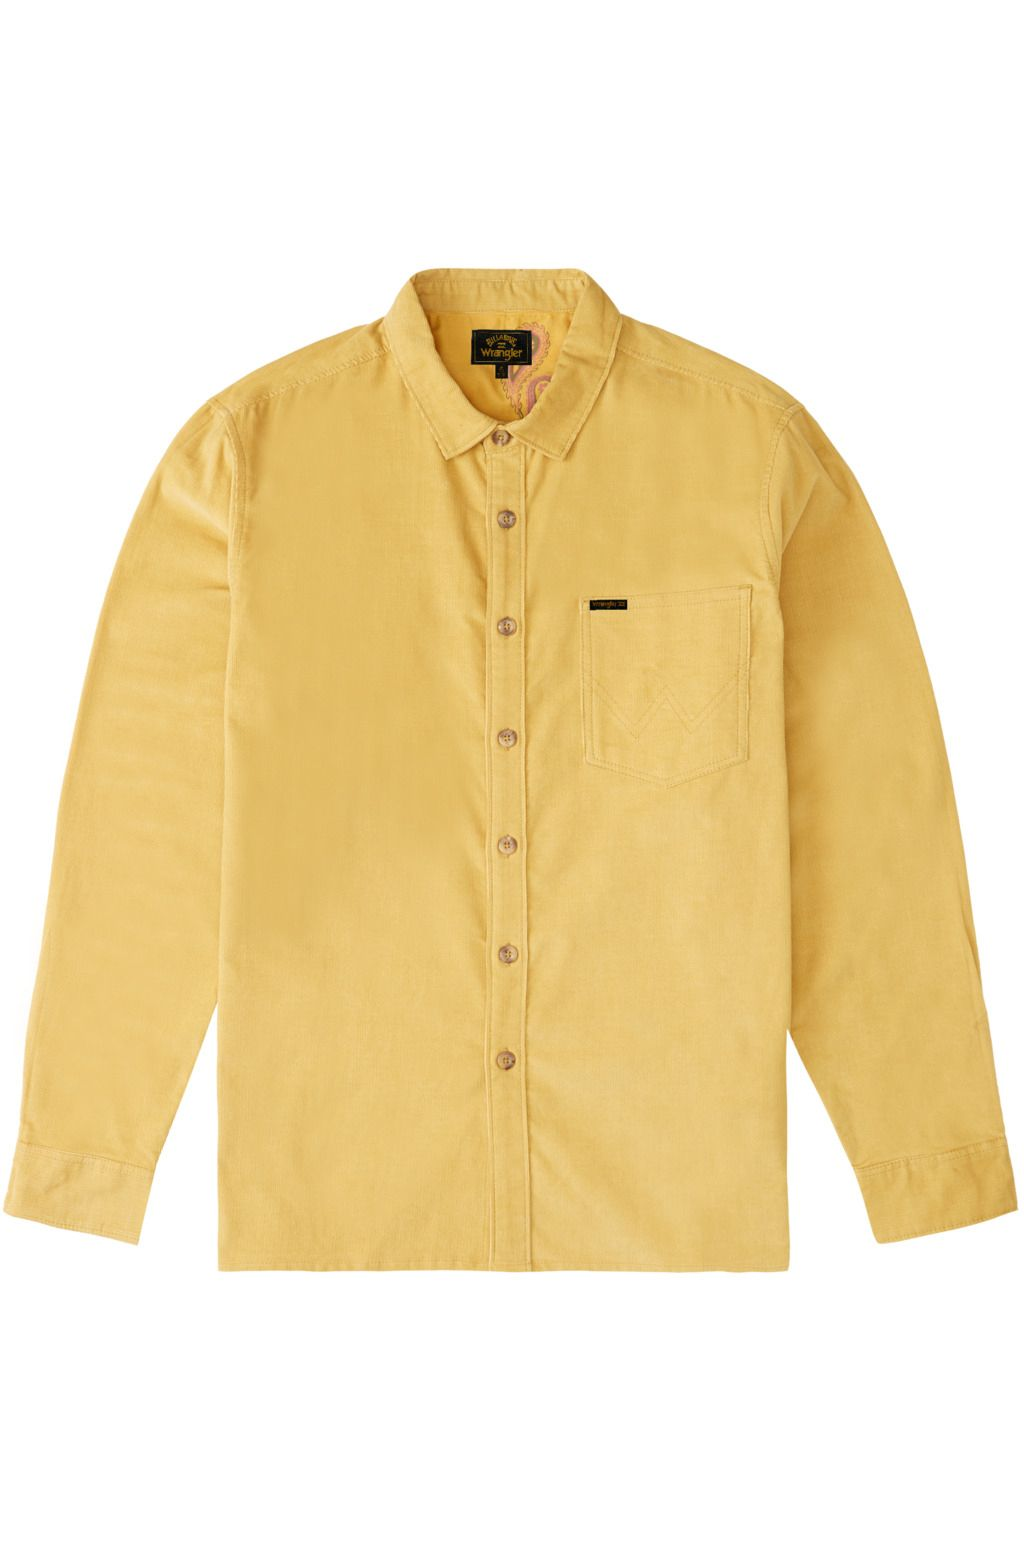 Billabong Shirt BOWIE CORD LS WRANGLER. Gold